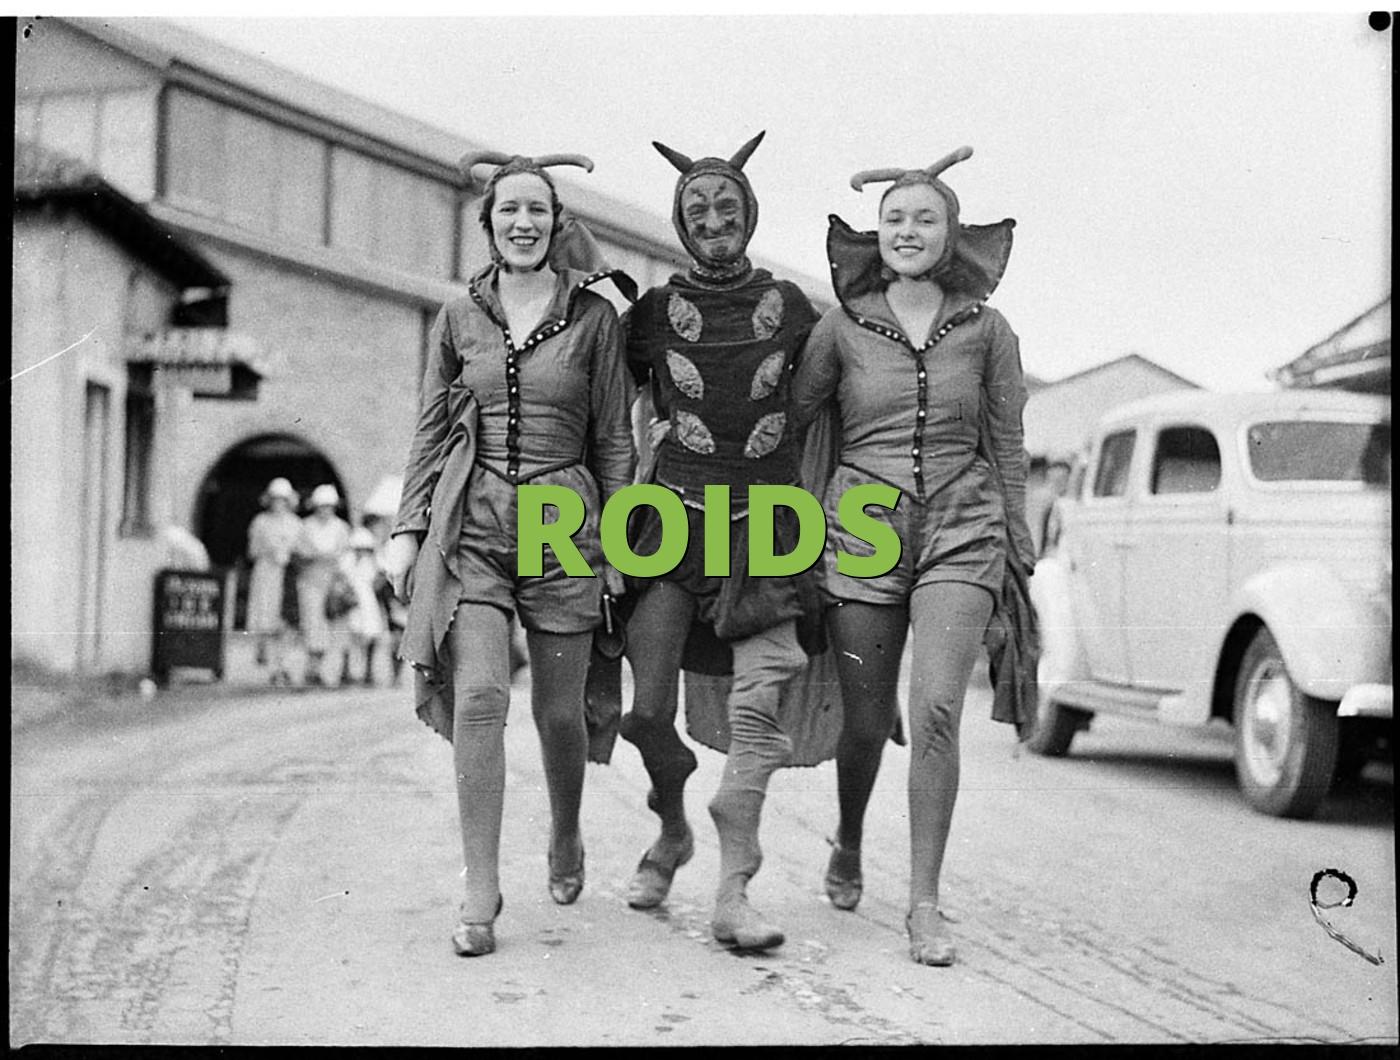 ROIDS